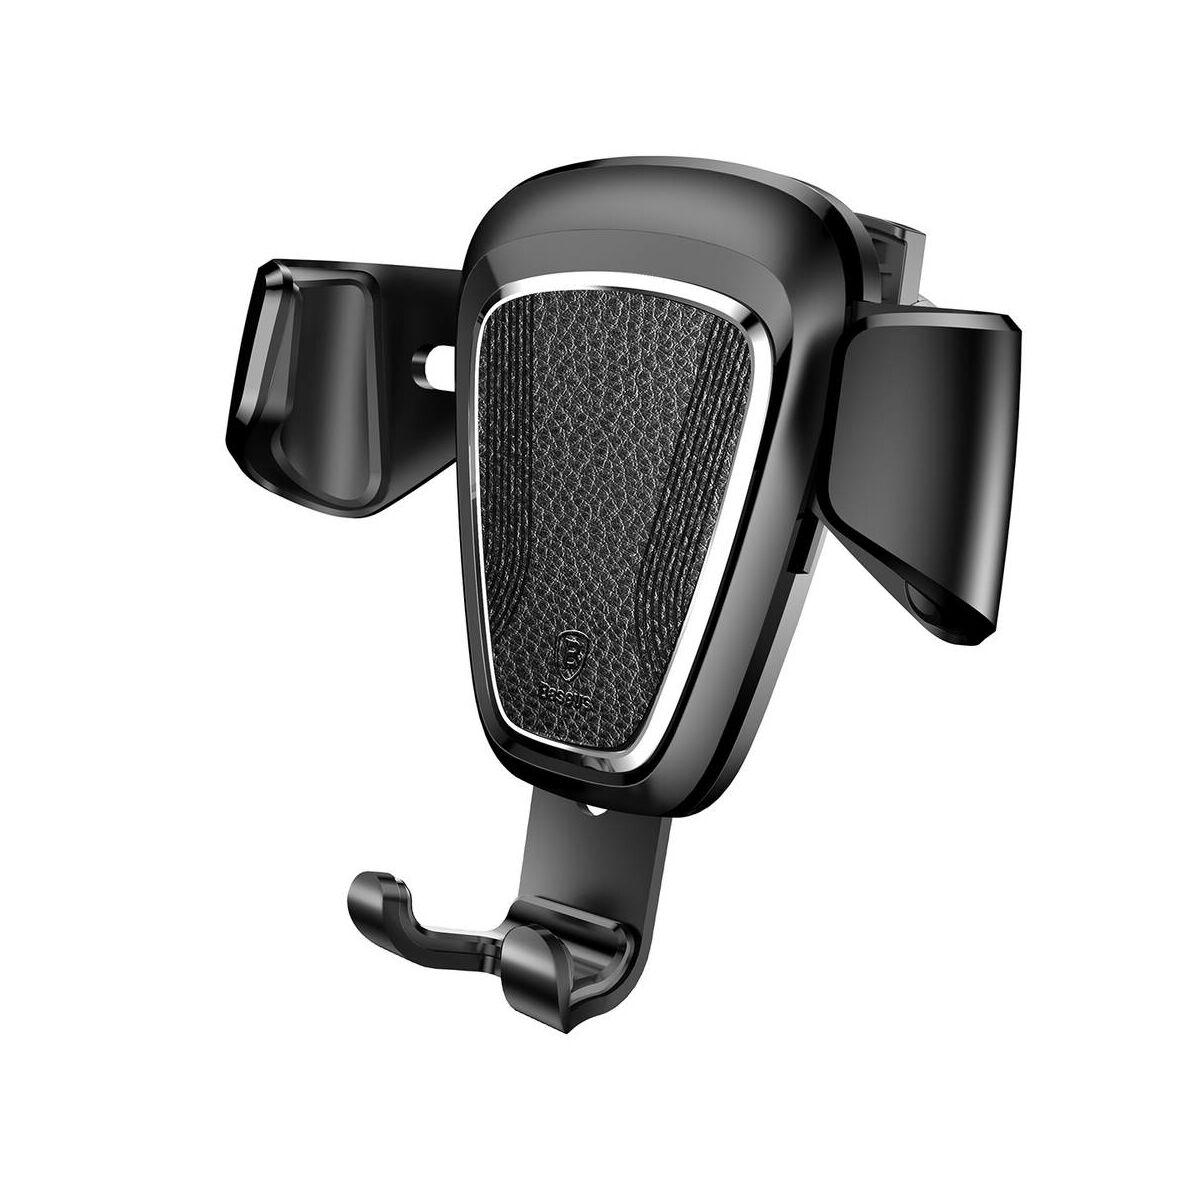 Baseus autós telefon tartó, Gravity (Fém), szellőzőrácsra, fekete (SUYL-B01)